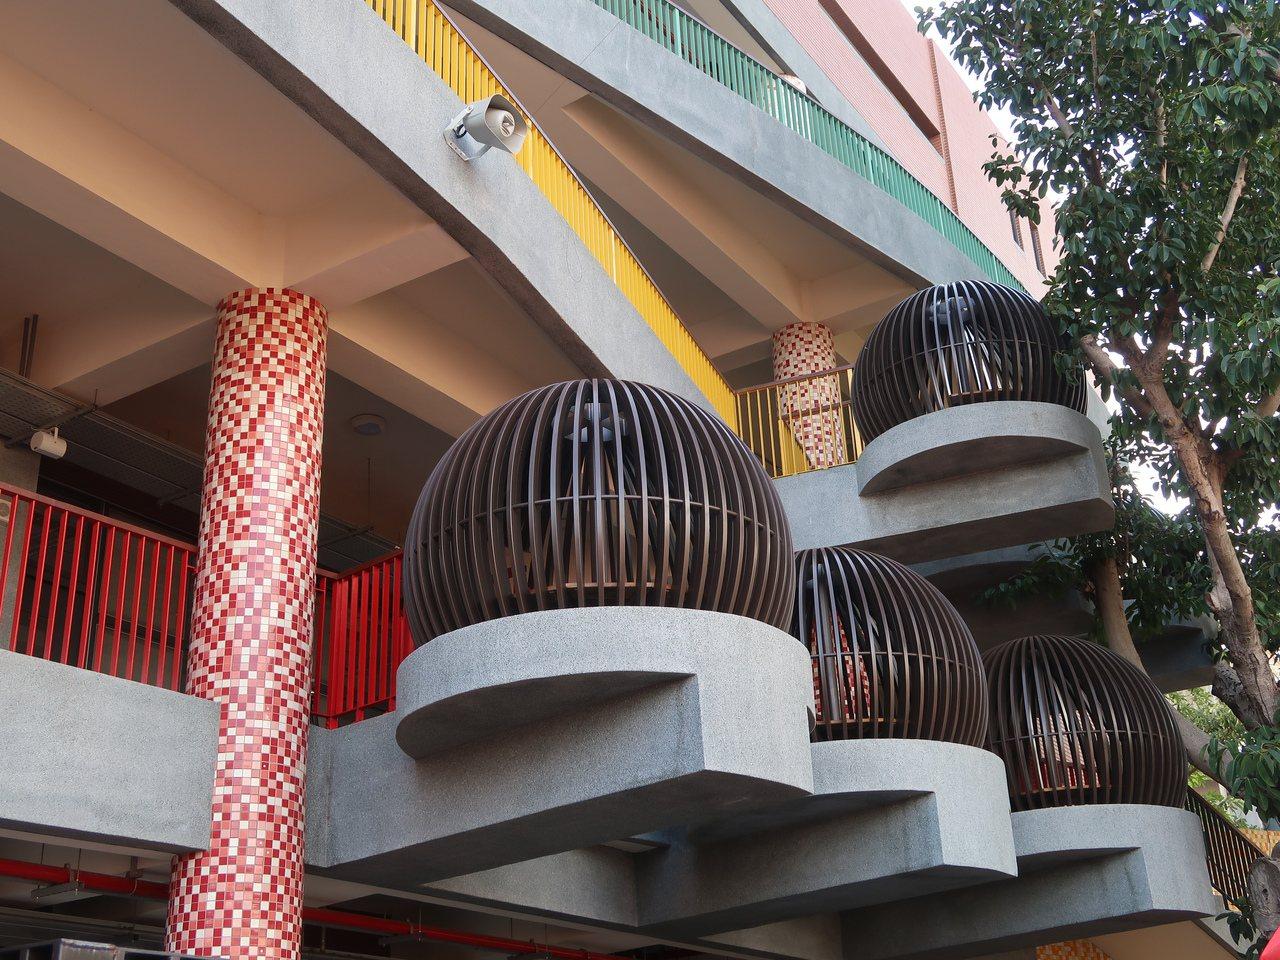 新竹市關東國小關愛樓以老樹融合校園建築、設置搶眼「鳥巢」造型樹屋,讓孩子不再當「...